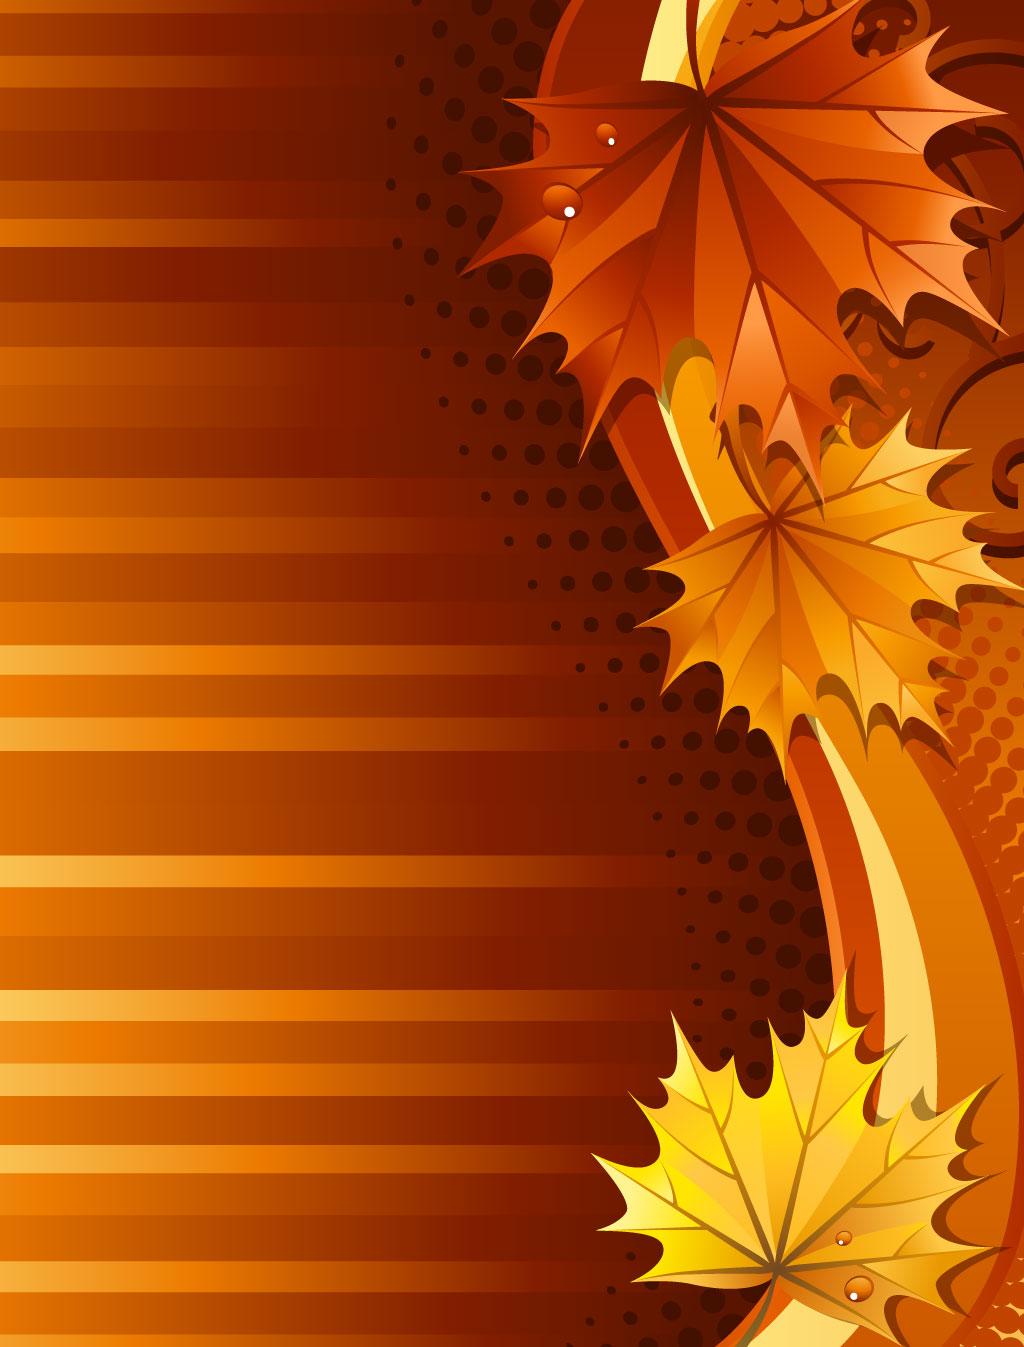 Fall Leaves Border Design